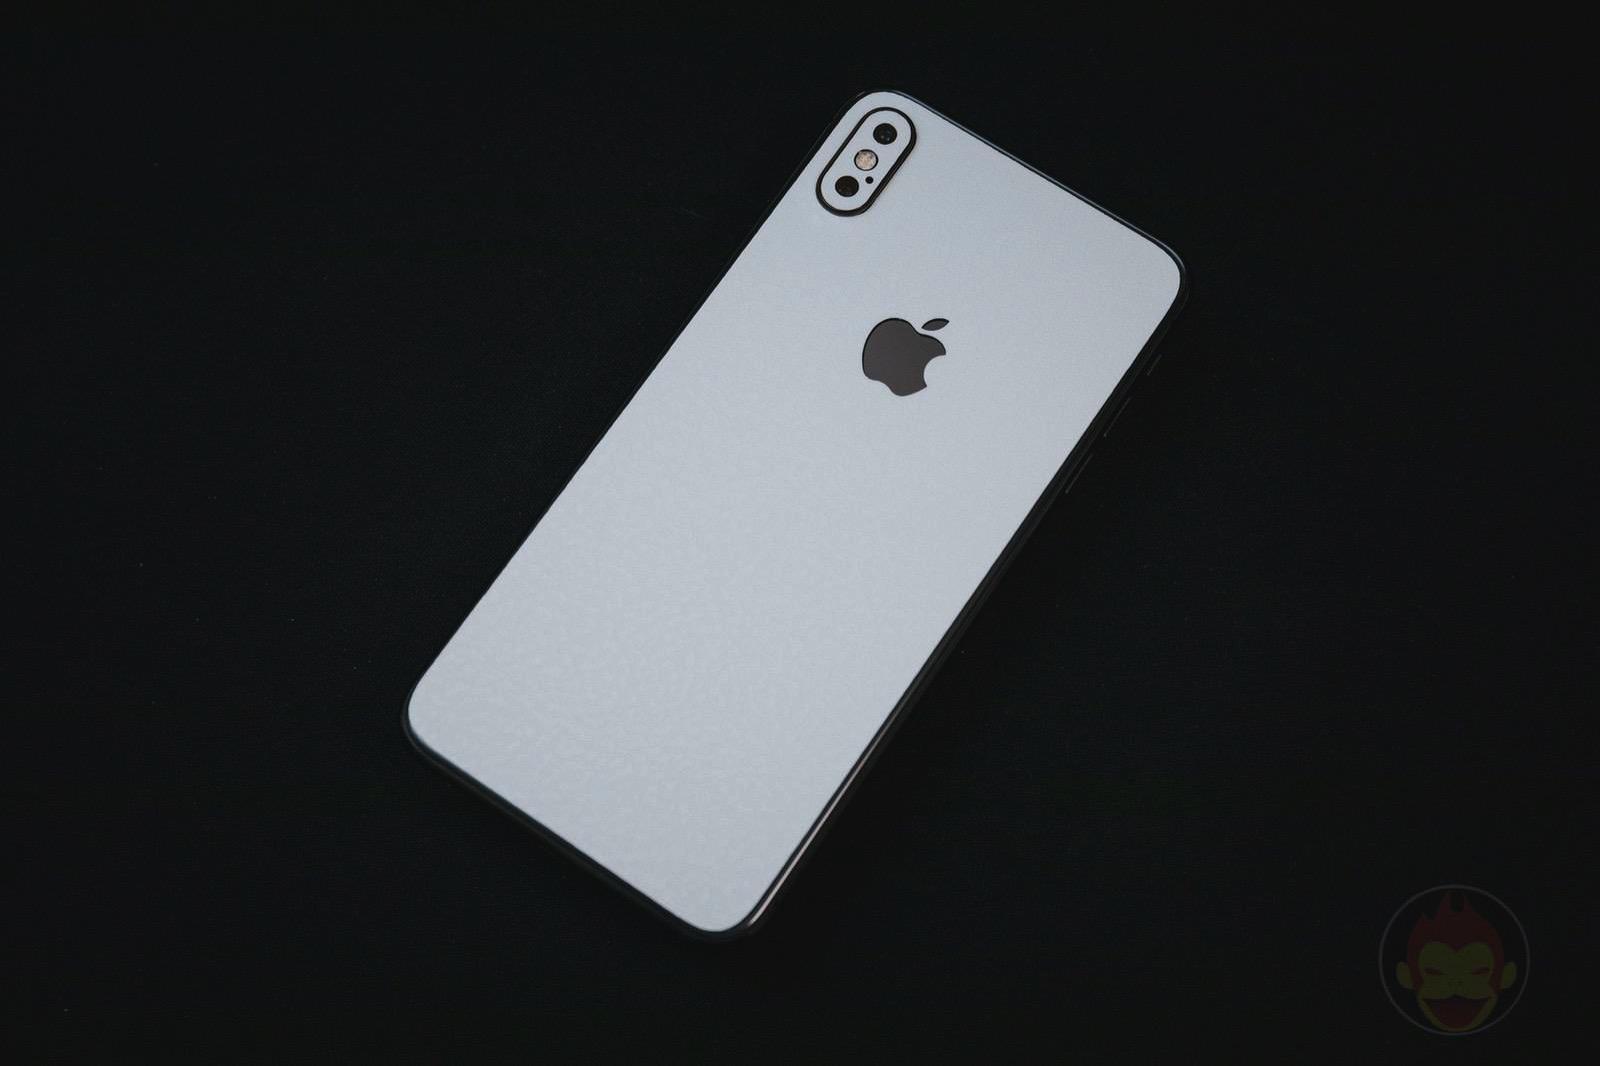 wraplus-white-leather-skin-for-iphonexsmax04.jpg